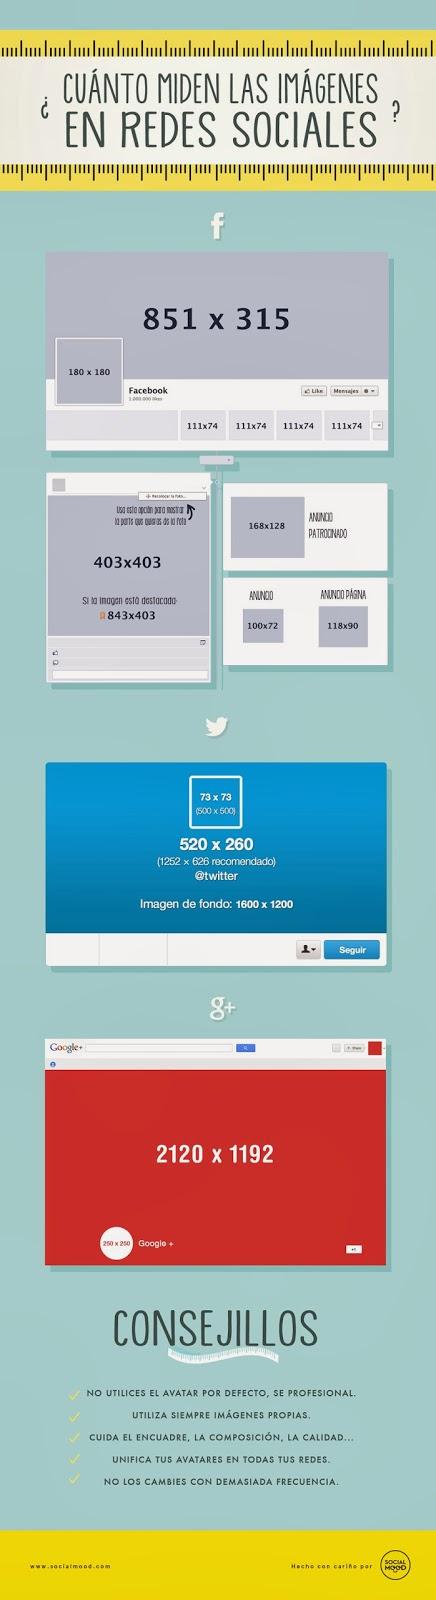 tamaño-imagenes-perfiles-redes-sociales-somosmarca.com